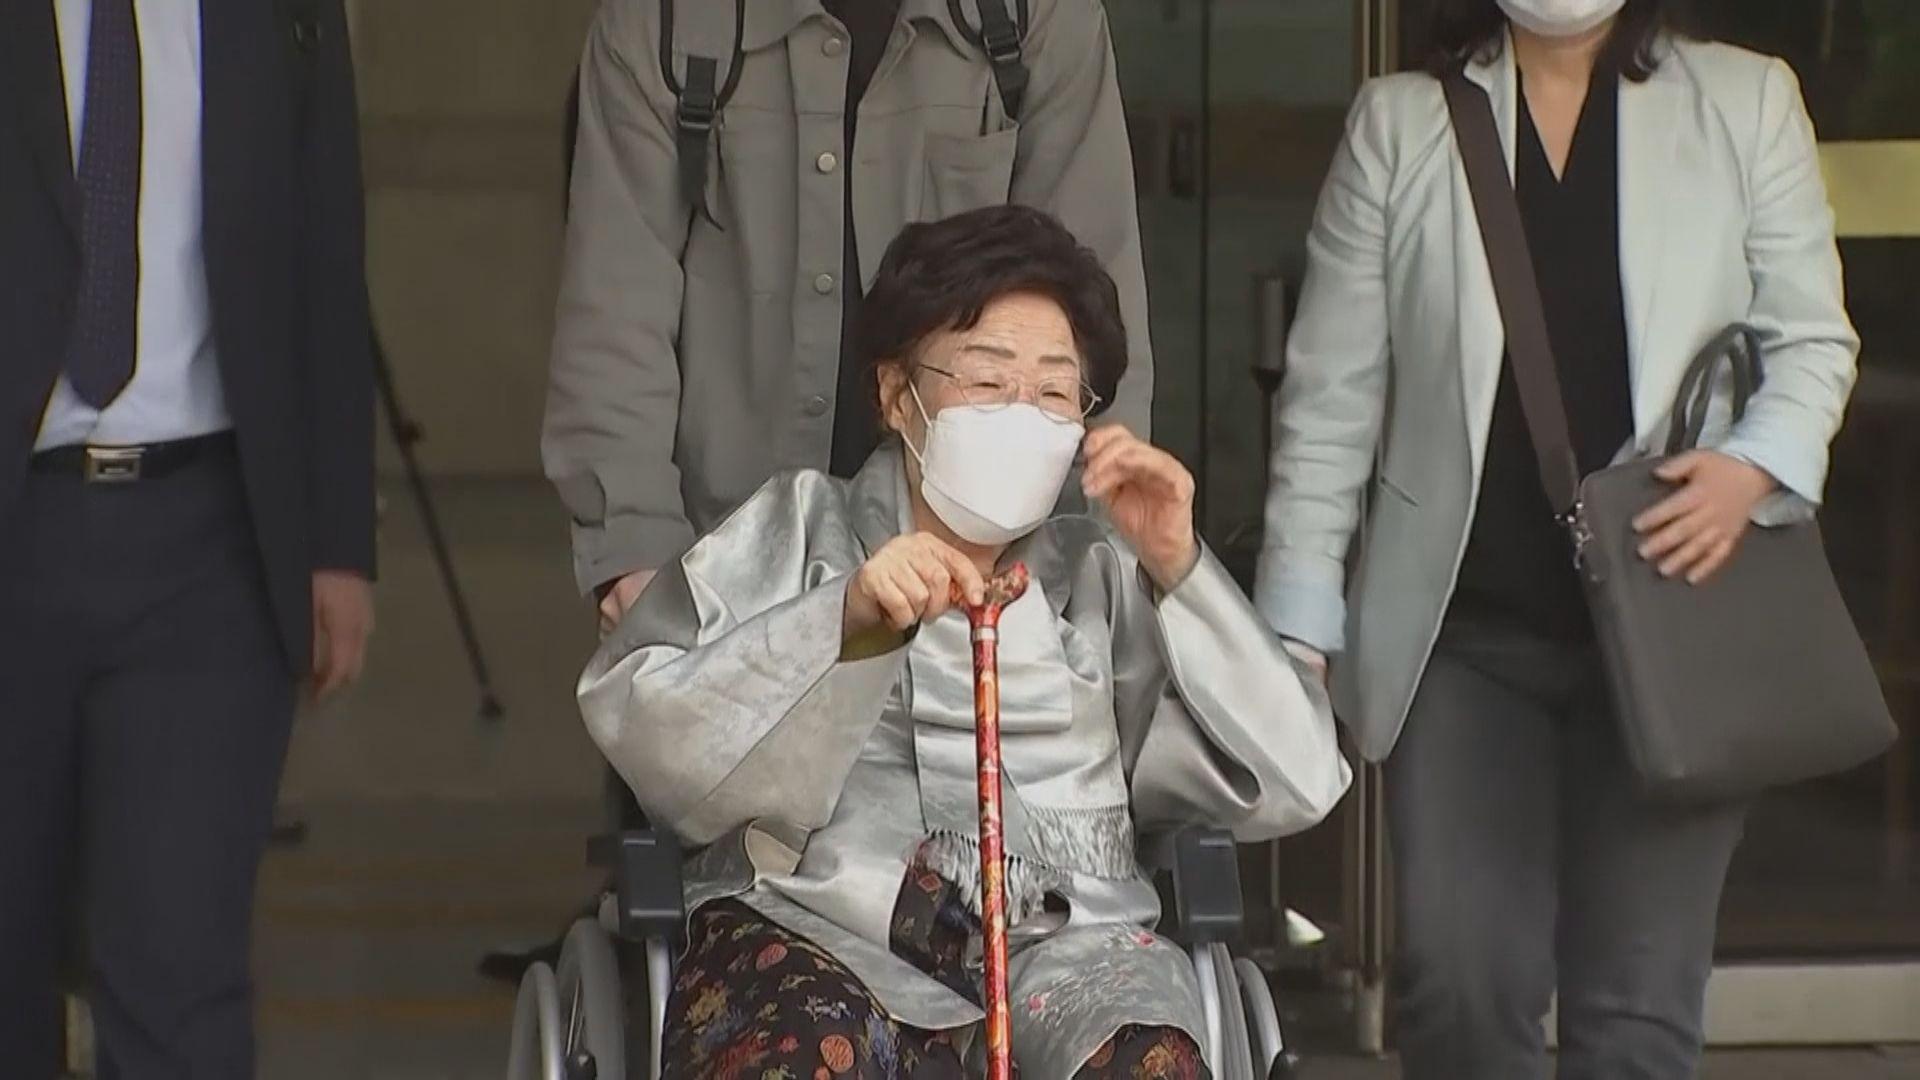 南韓法院駁回慰安婦受害人向日本索償訴訟